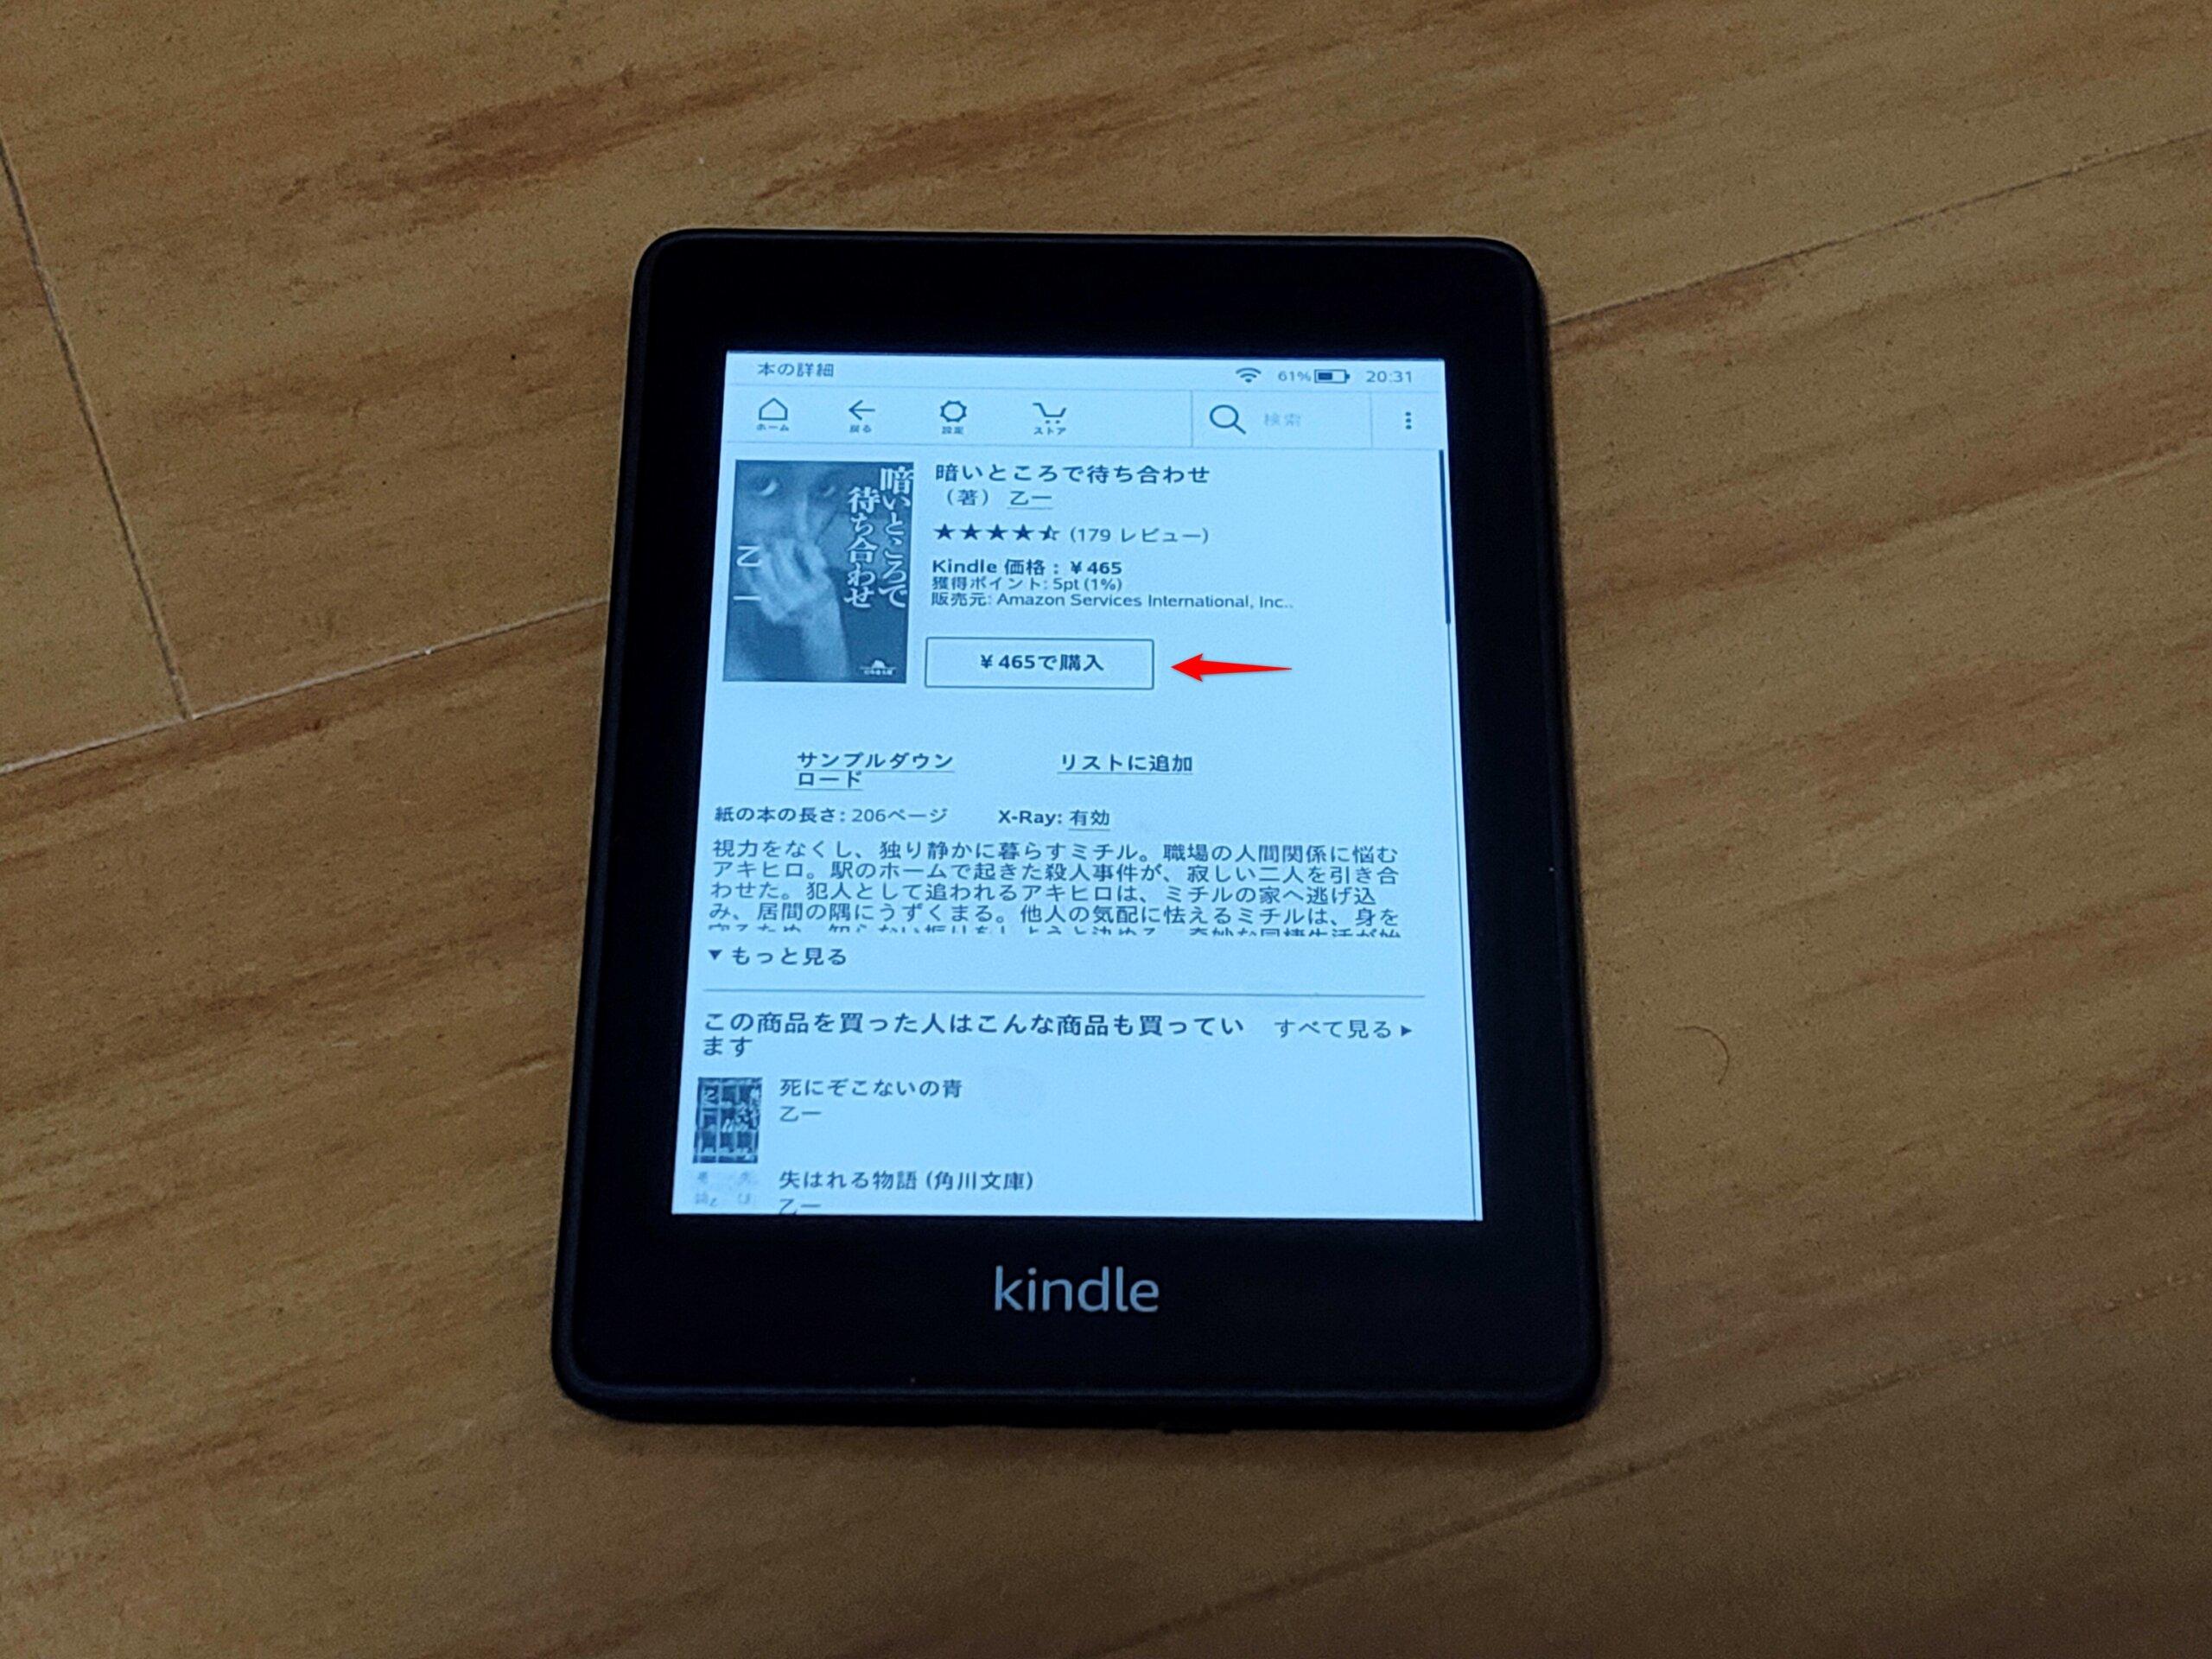 読みたい本をストアからダウンロードするの画像